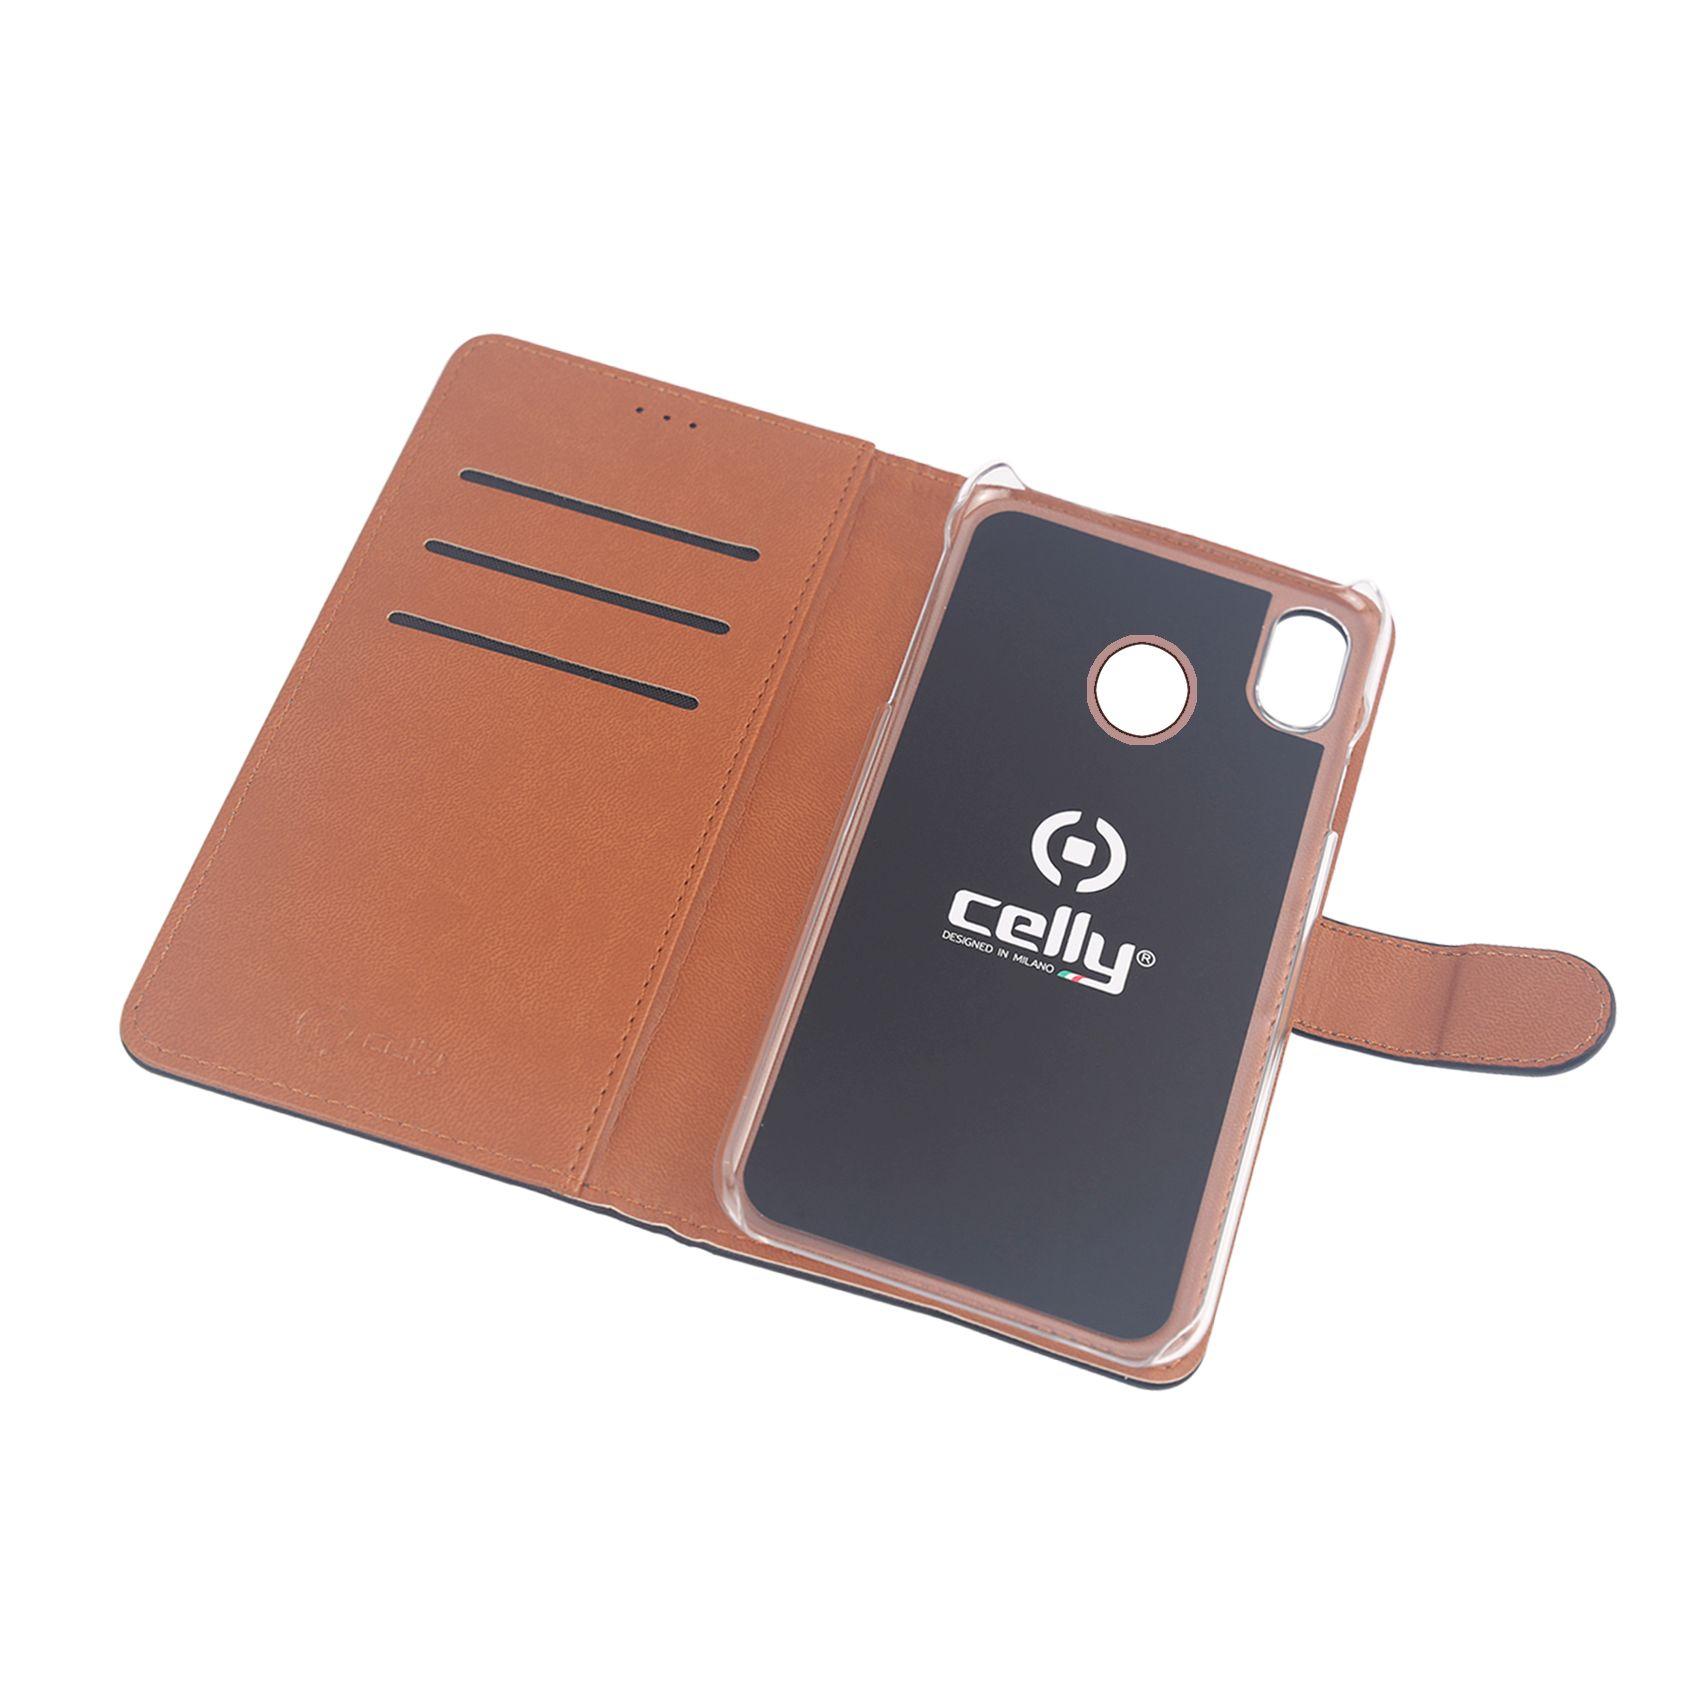 Pouzdro typu kniha CELLY Wally pro Xiaomi Mi 8, PU kůže, černé